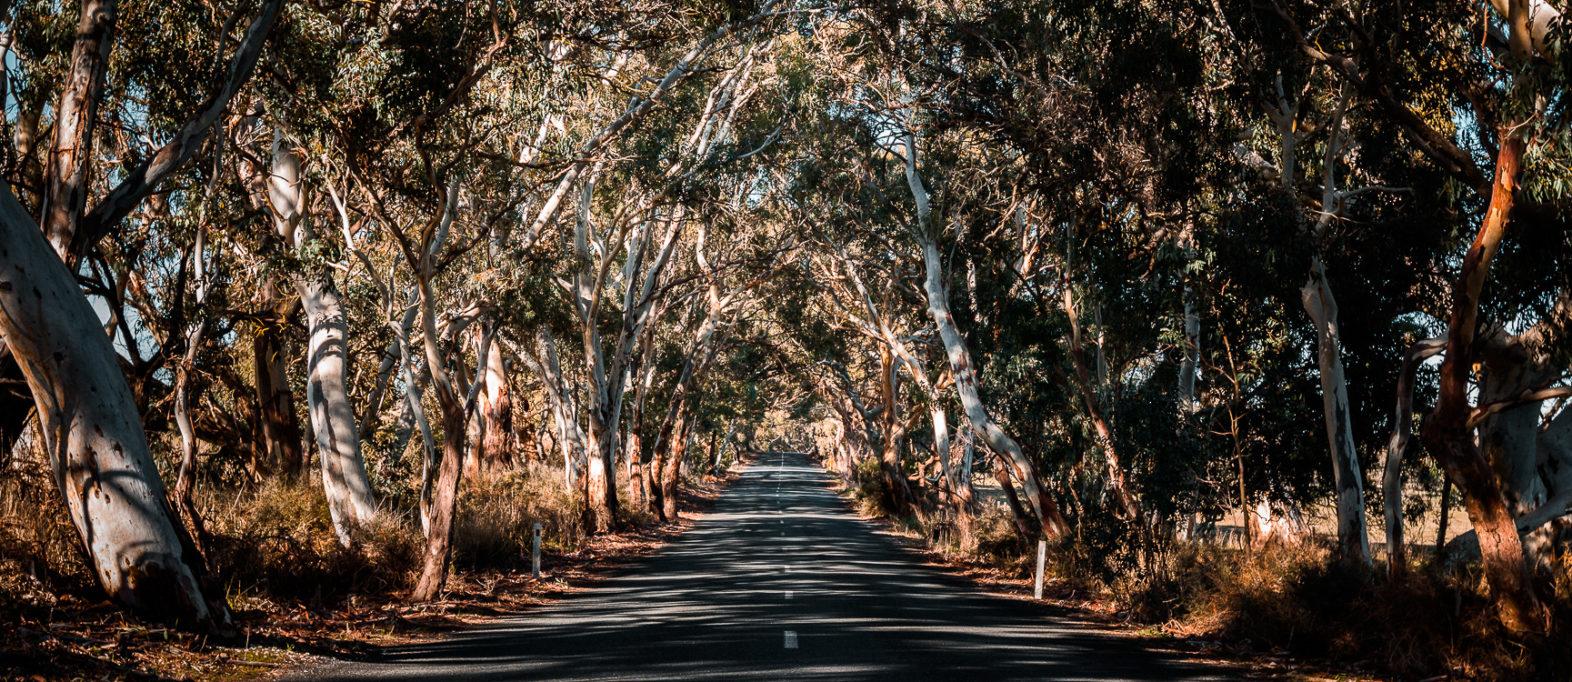 Roadtrip auf dem Explorer's Way mit Campervan (Darwin bis Adelaide)